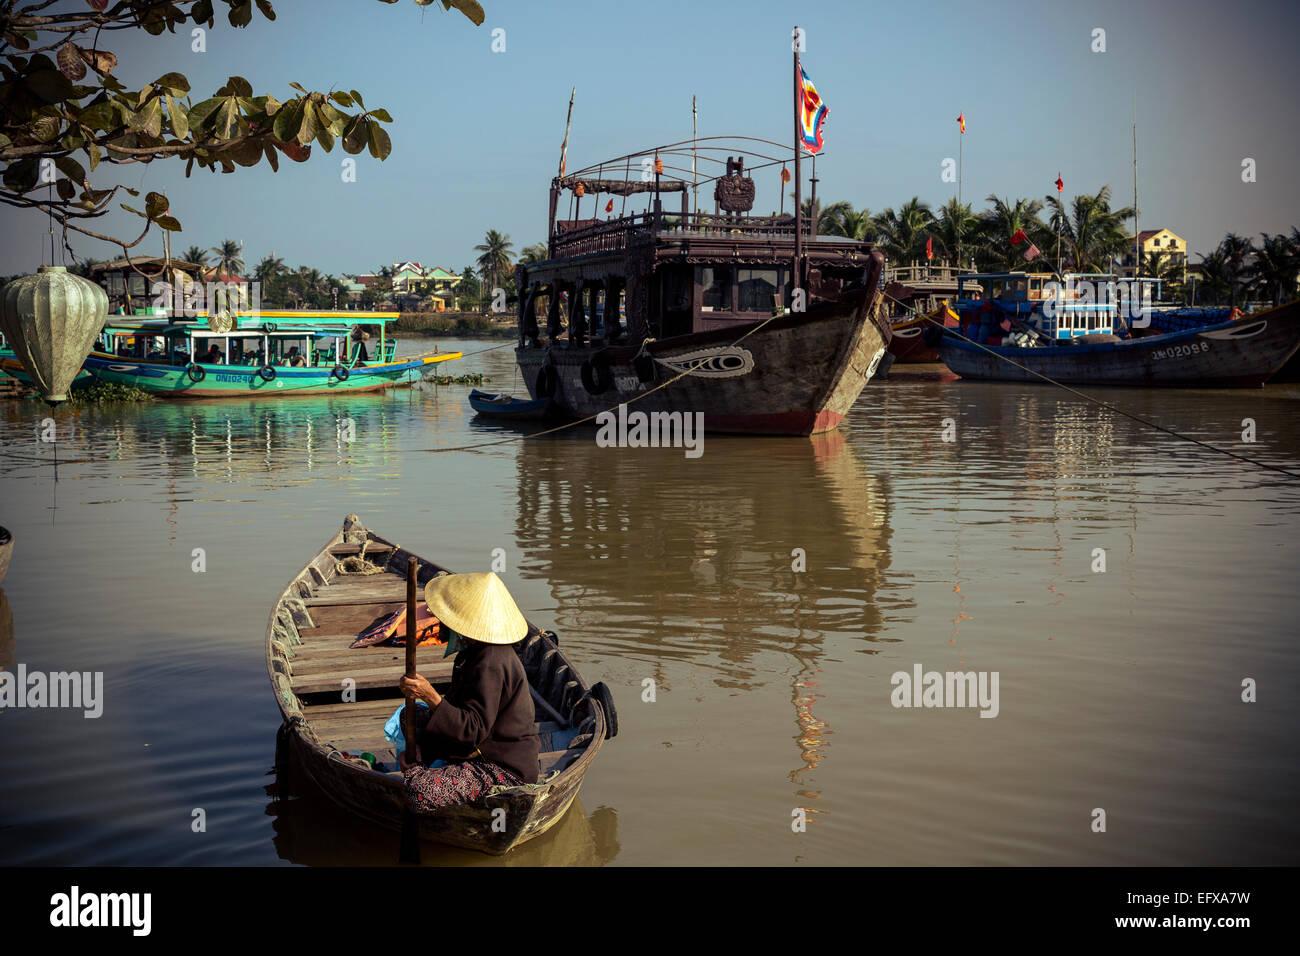 Bateaux à la rivière Thu Bon, Hoi An, Vietnam. Photo Stock